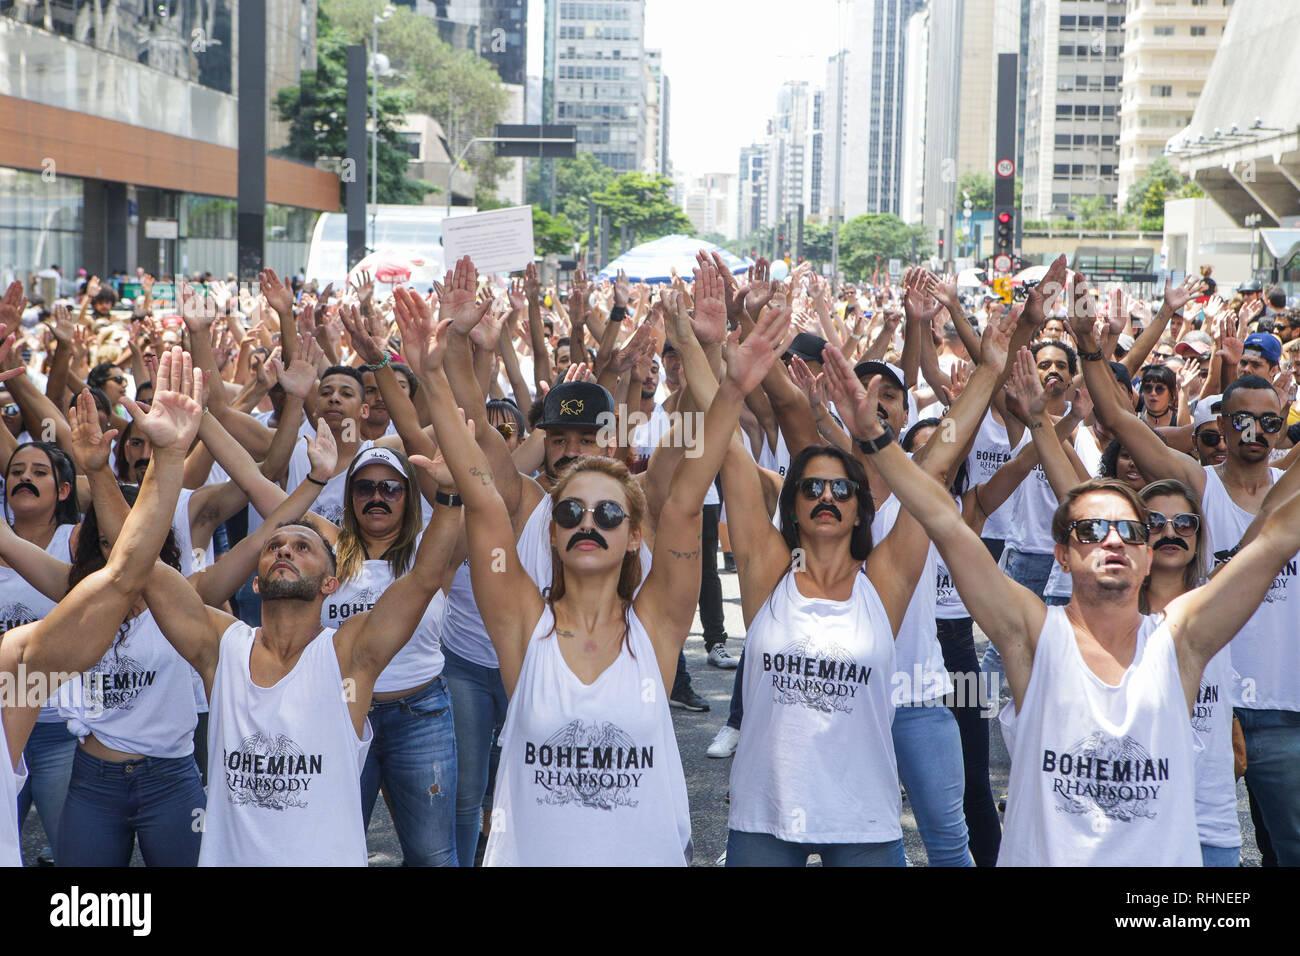 Sao Paulo, Brésil. 06Th Nov, 2019. Des centaines de personnes à effectuer flashmob en l'honneur de la Reine de la bande et de son leader Freddie Mercury. L'action s'inscrit dans le cadre du mouvement STOMPFORQUEEN, lancé dans le monde entier le 15 janvier dans les réseaux sociaux et, en plus de la promotion d'un grand hommage à la bande, vise à encourager les dons à l'établissement Mercure Phoenix Trust, créé en 1992 pour lutter contre le sida et d'apporter un soutien aux patients. 3, 2019. Credit: Dario Oliveira/ZUMA/Alamy Fil Live News Crédit: ZUMA Press, Inc./Alamy Live News Photo Stock